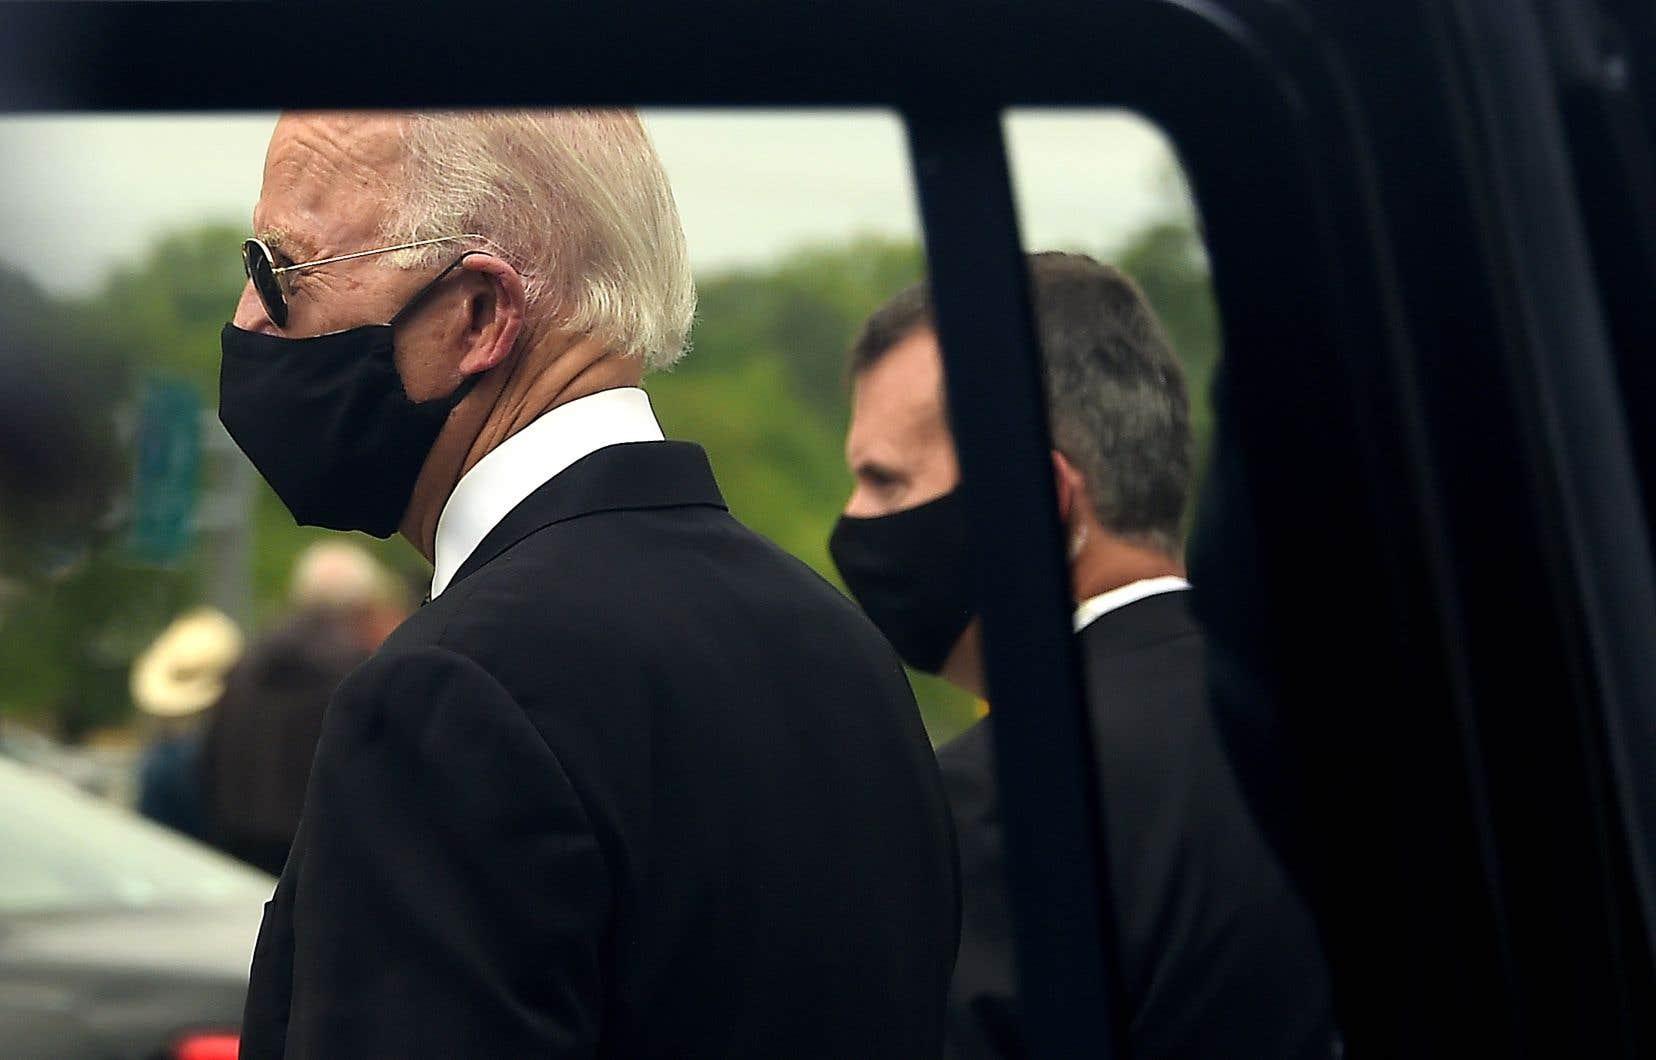 L'ancien vice-président américain a choisi, pour son retour sur le terrain lundi, une journée marquée par la solennité aux États-Unis puisqu'elle célèbre la mémoire des militaires américains tombés au combat.